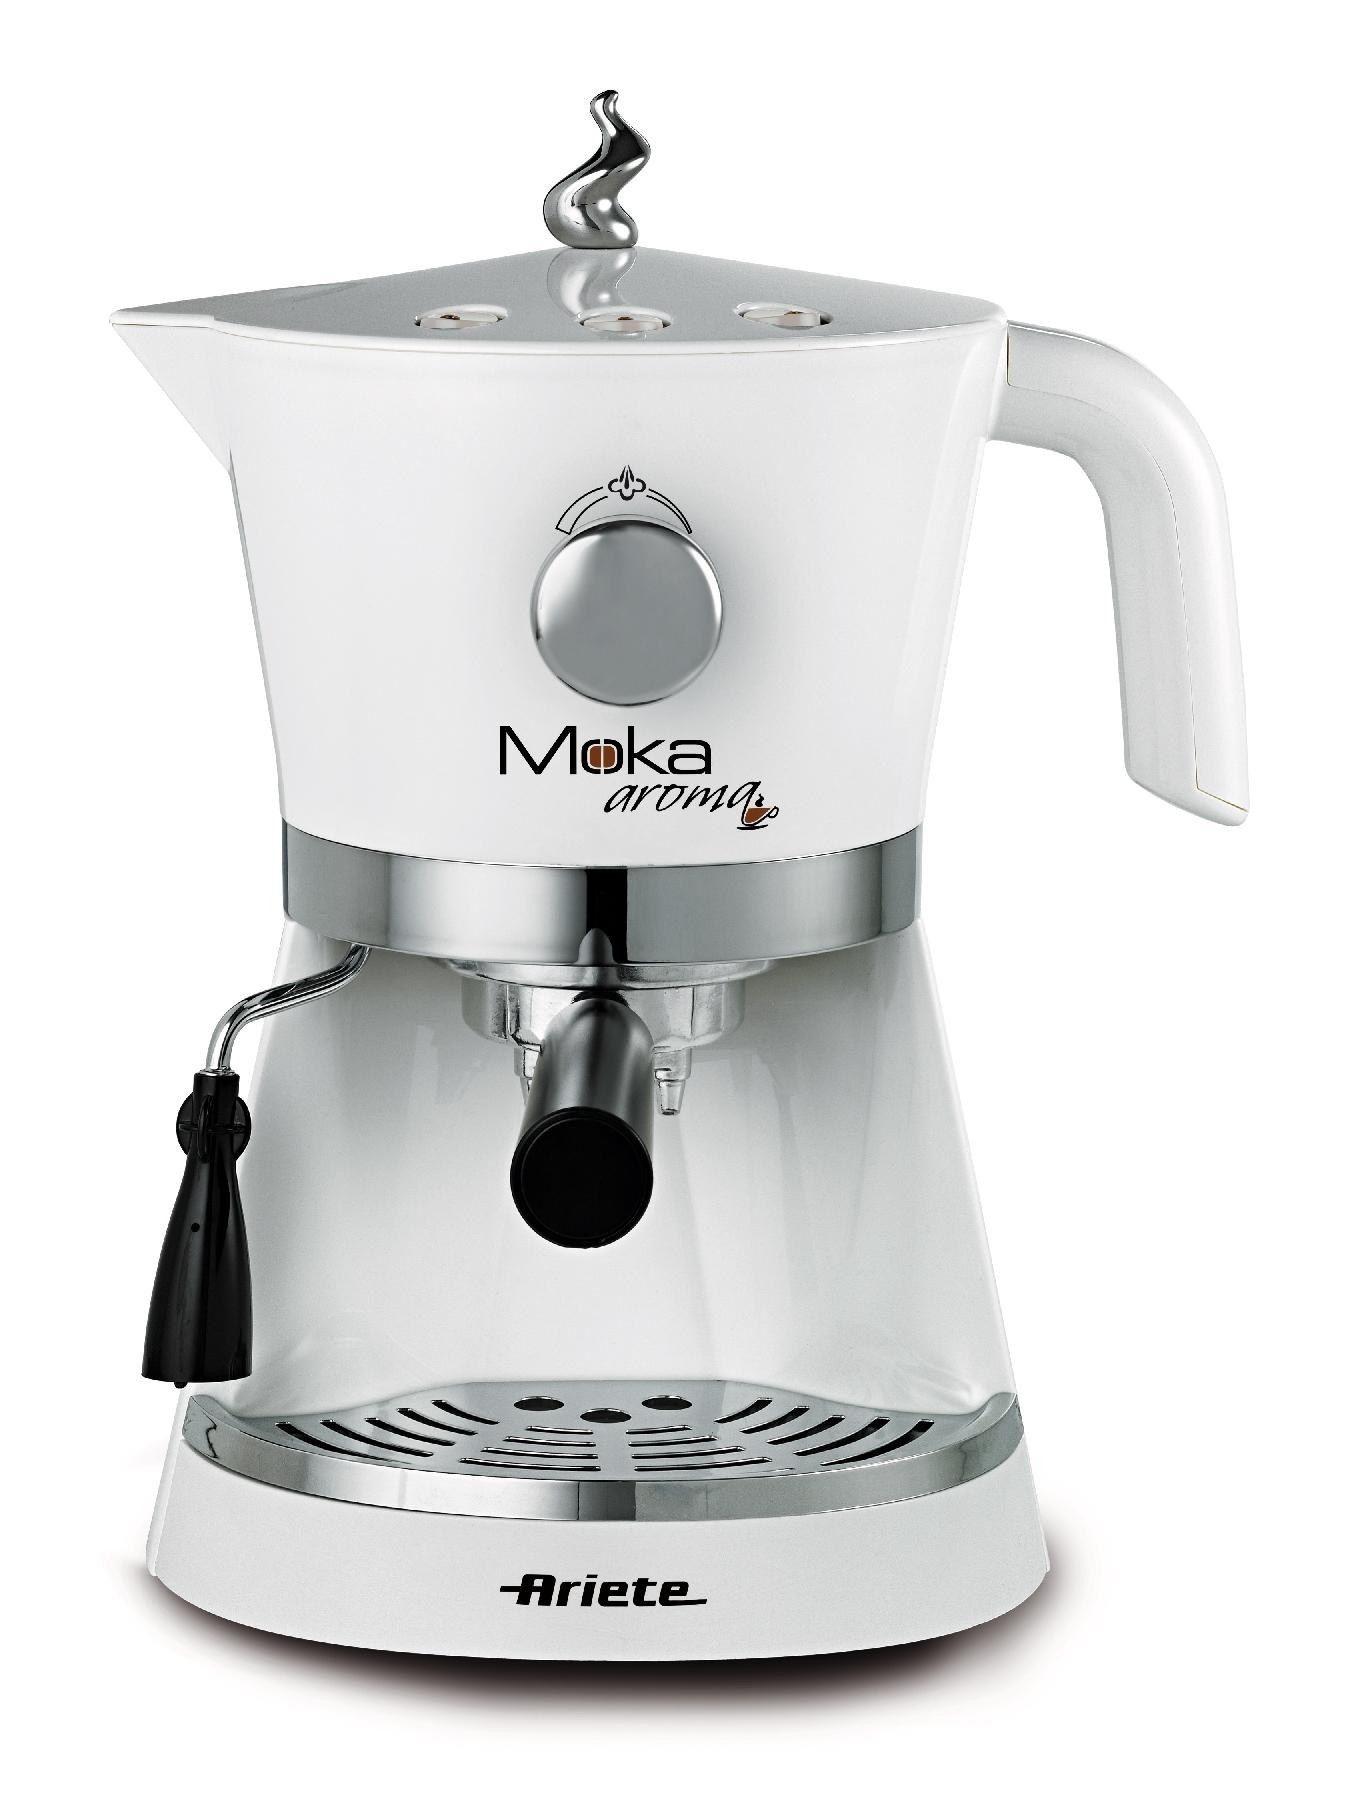 Macchina caffè Ariete ?le migliori e offerte Marzo 2020